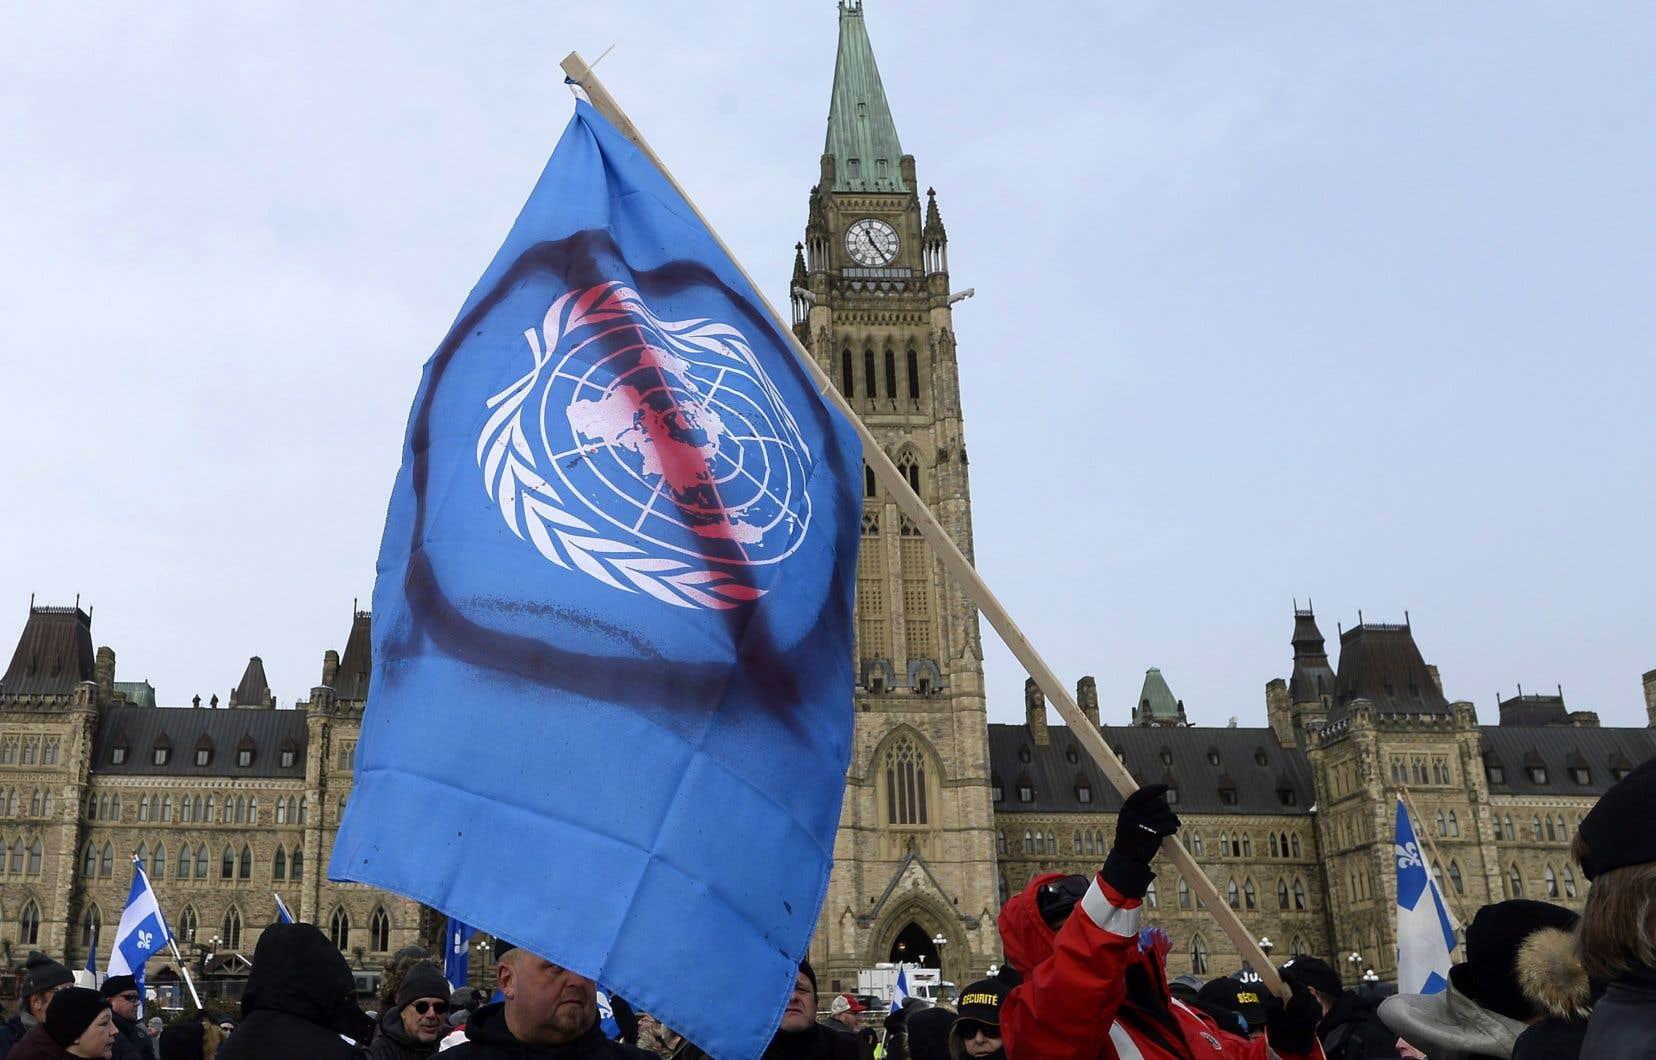 Des centaines de militants opposés à l'adhésion du Canada au Pacte de l'Onu se sont réunis devant le Parlement.